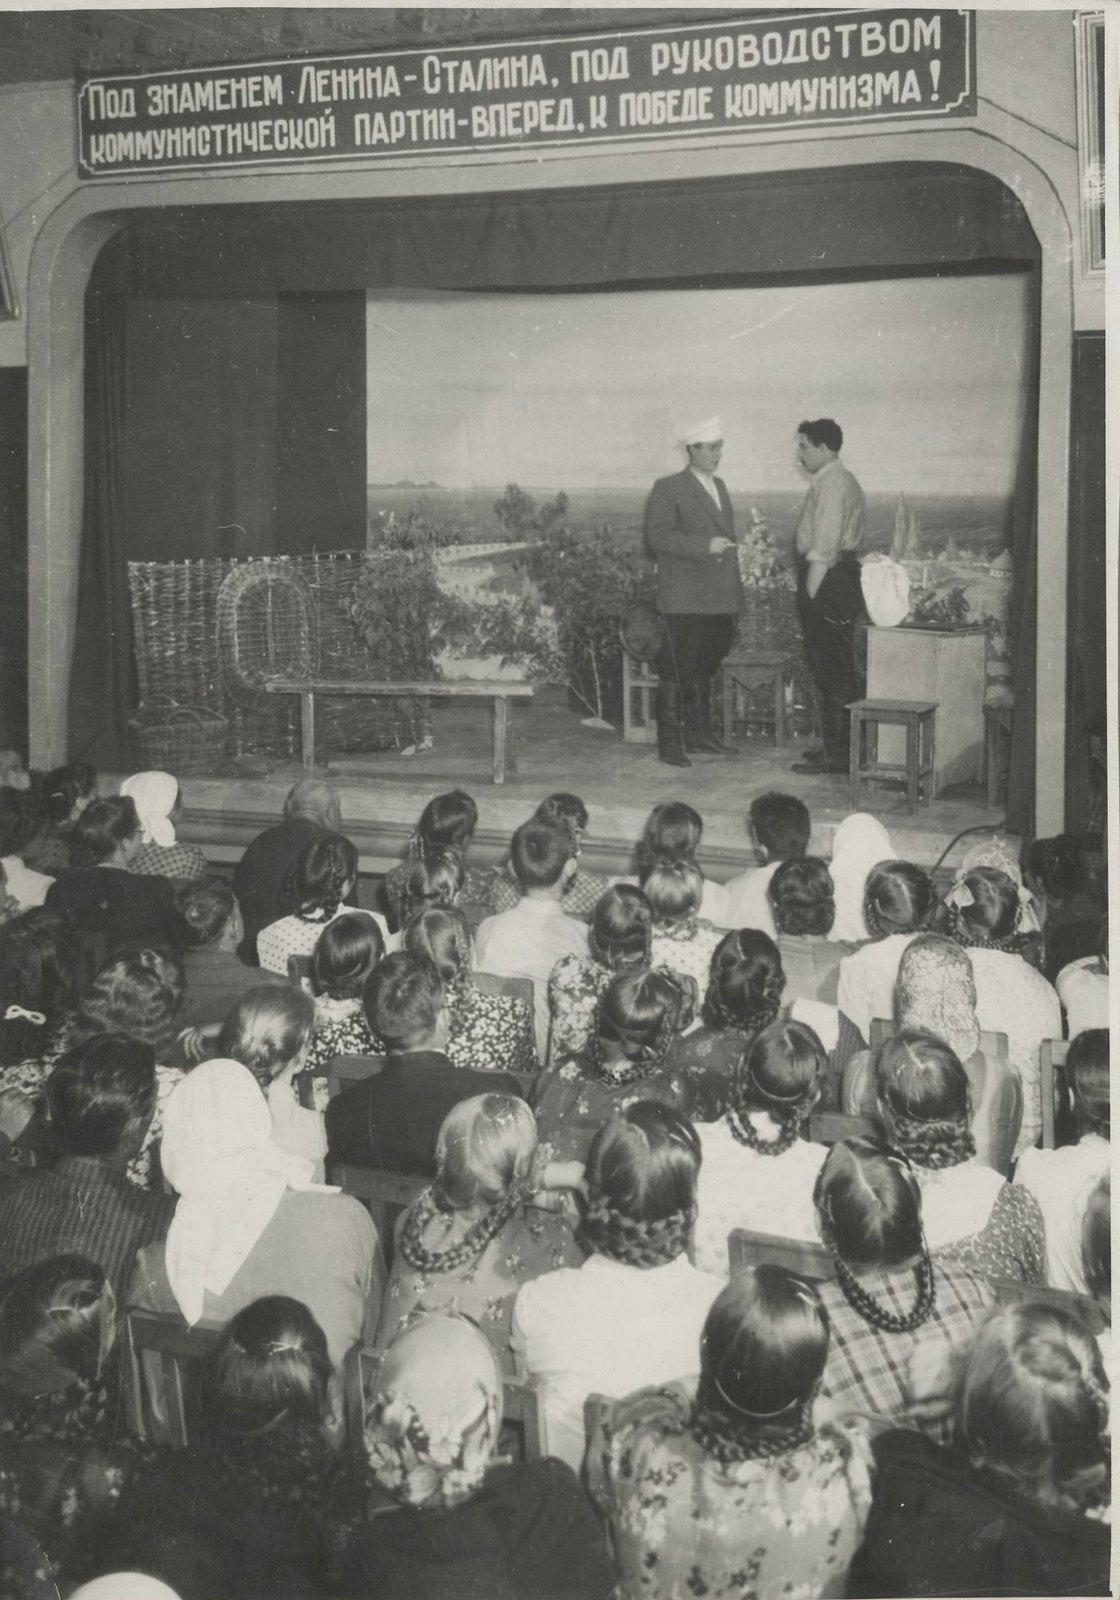 1950-е. Театр в колхозе